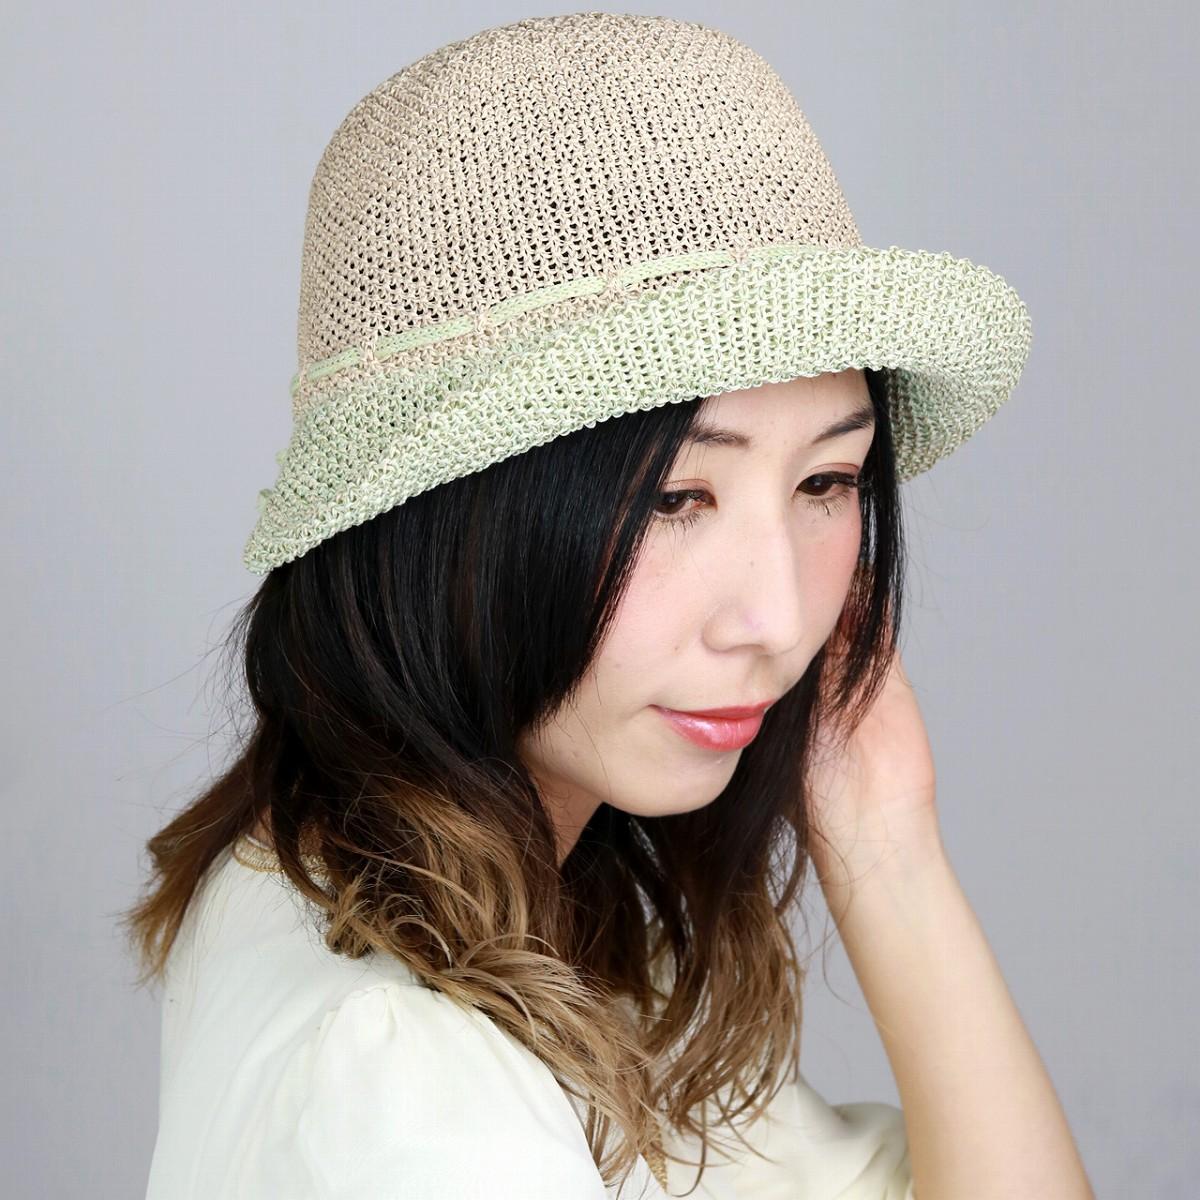 ハット レディース DAKS 帽子 春夏 日よけ Mサイズ 57cm サイズ調整 ダックス オブザーハット 綿ロード おしゃれ 涼しい ミセスハット リボン 通気性 ベージュ×ライトグリーン ナチュラル [ hat ] 母の日 ギフト 帽子 プレゼント UVカット帽子